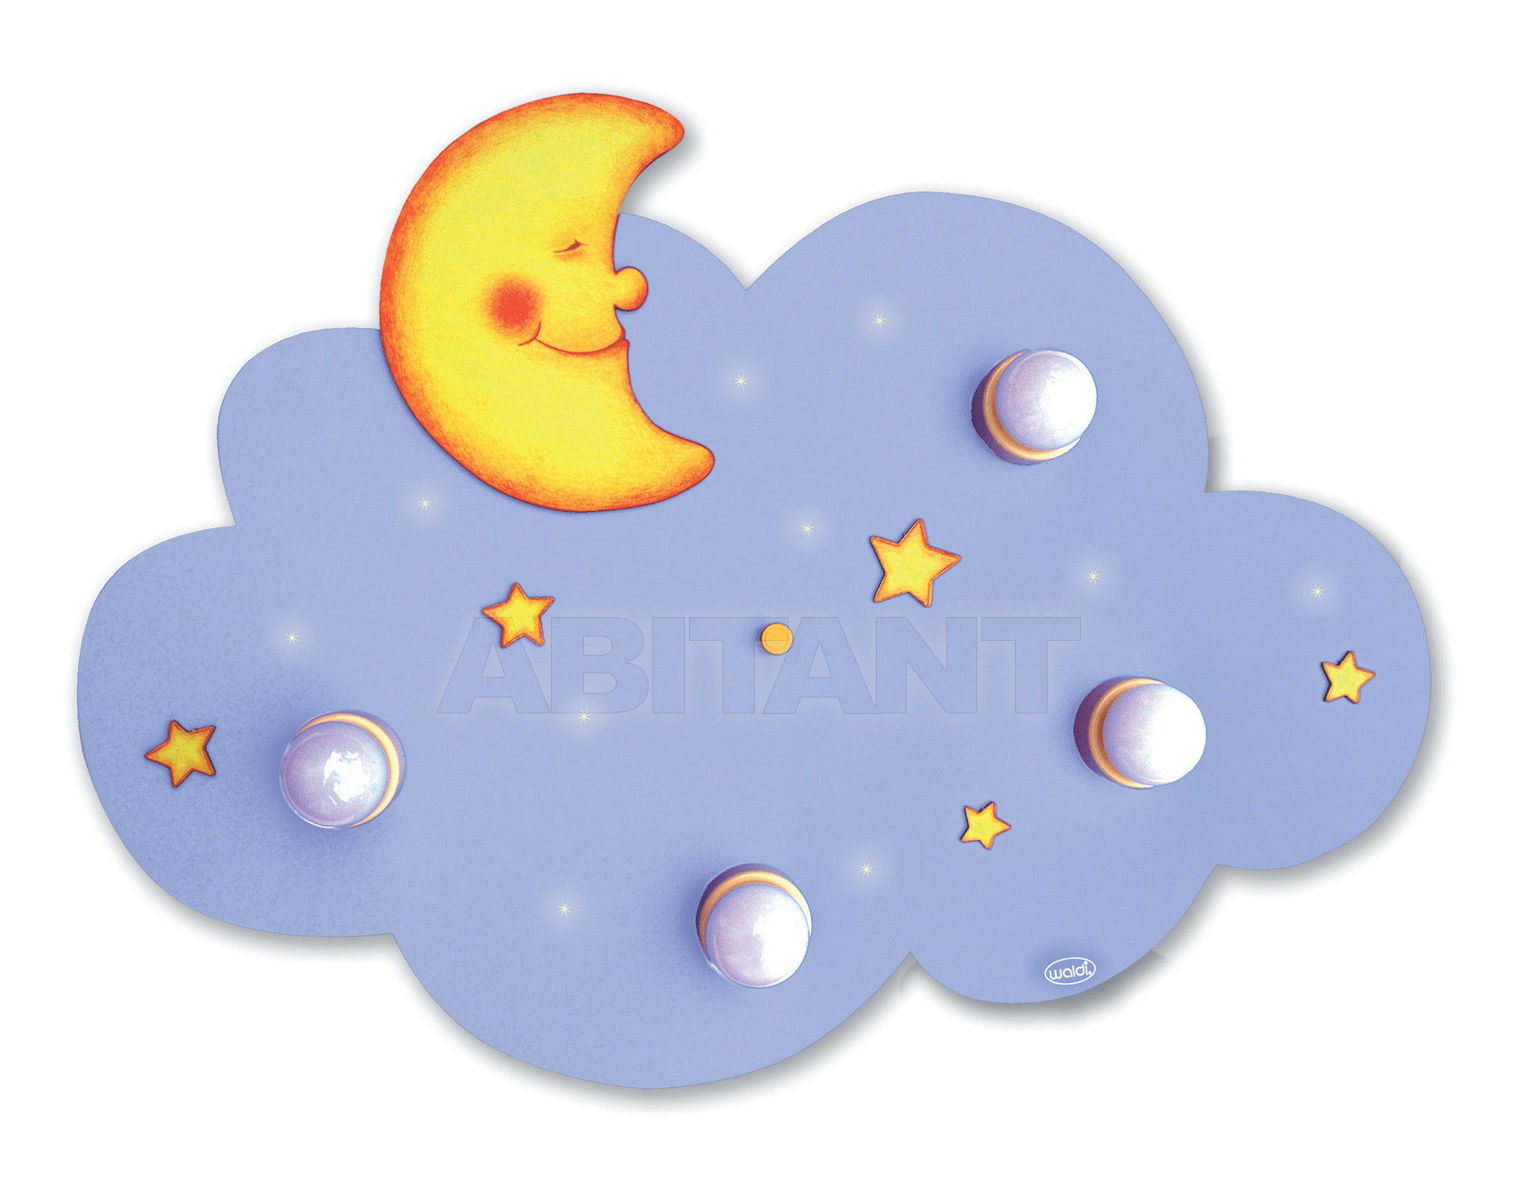 Купить Светильник для детской  Waldi Leuchten Lampen Fur Kinder 2012 66102.0